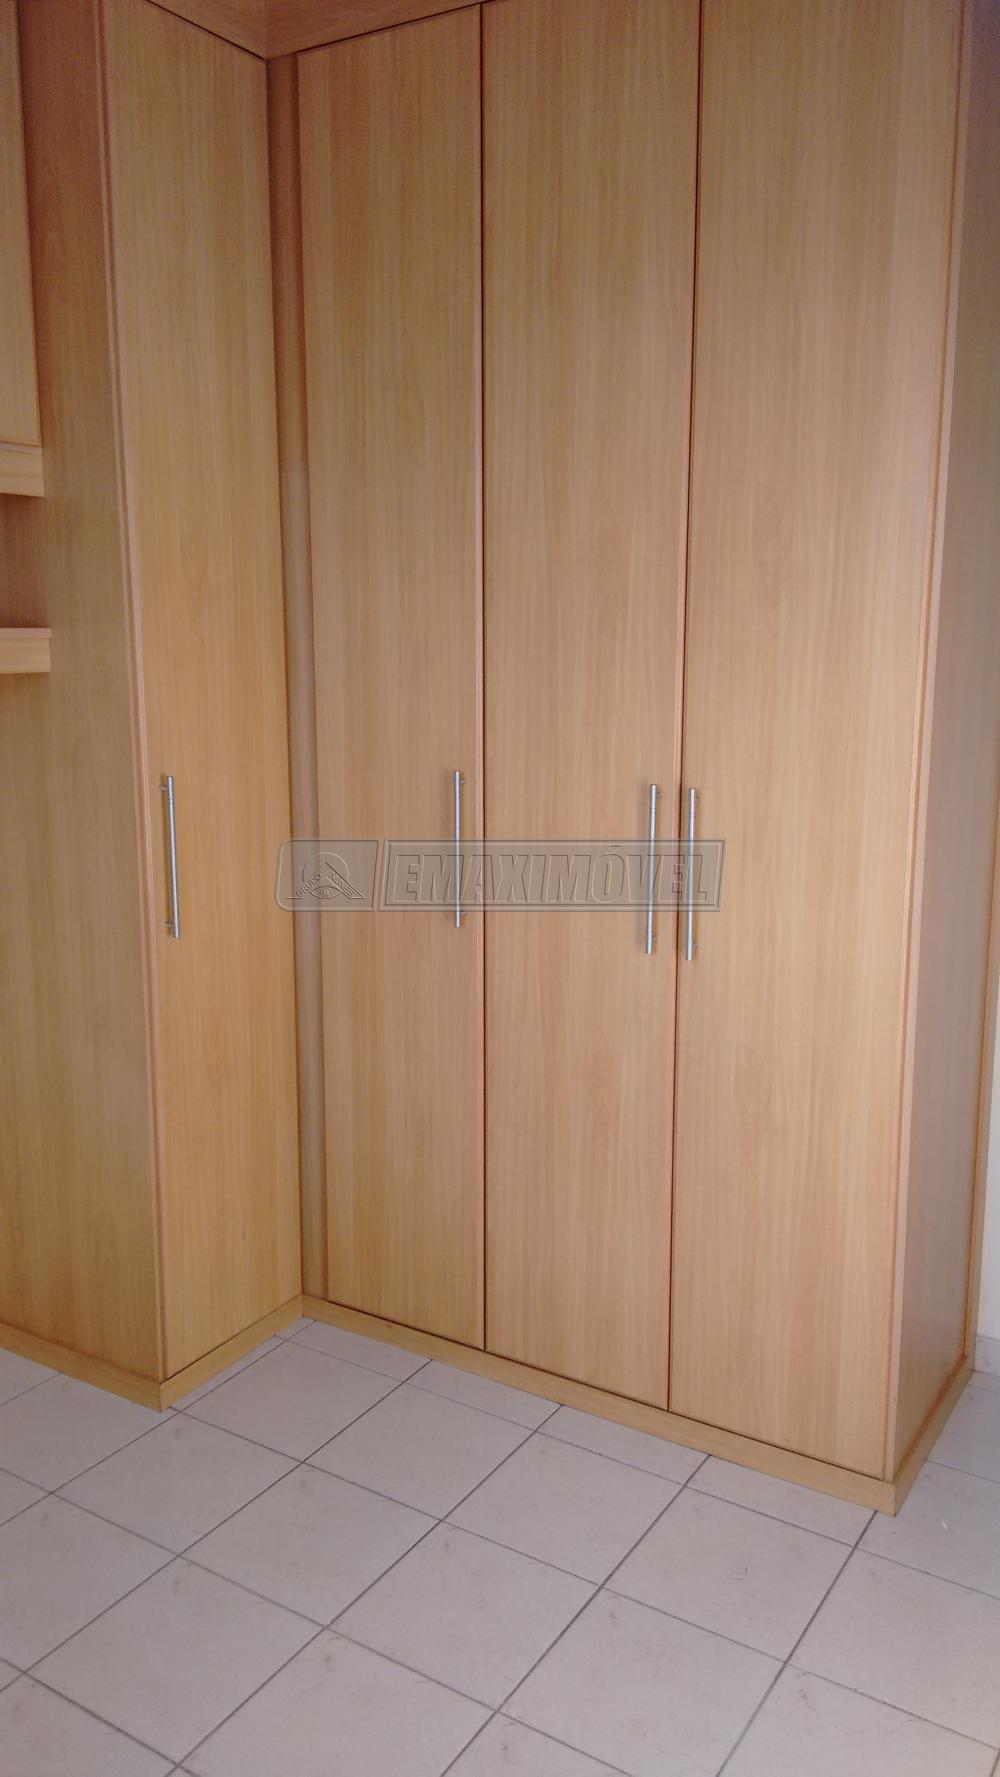 Comprar Apartamentos / Apto Padrão em Sorocaba apenas R$ 190.000,00 - Foto 11